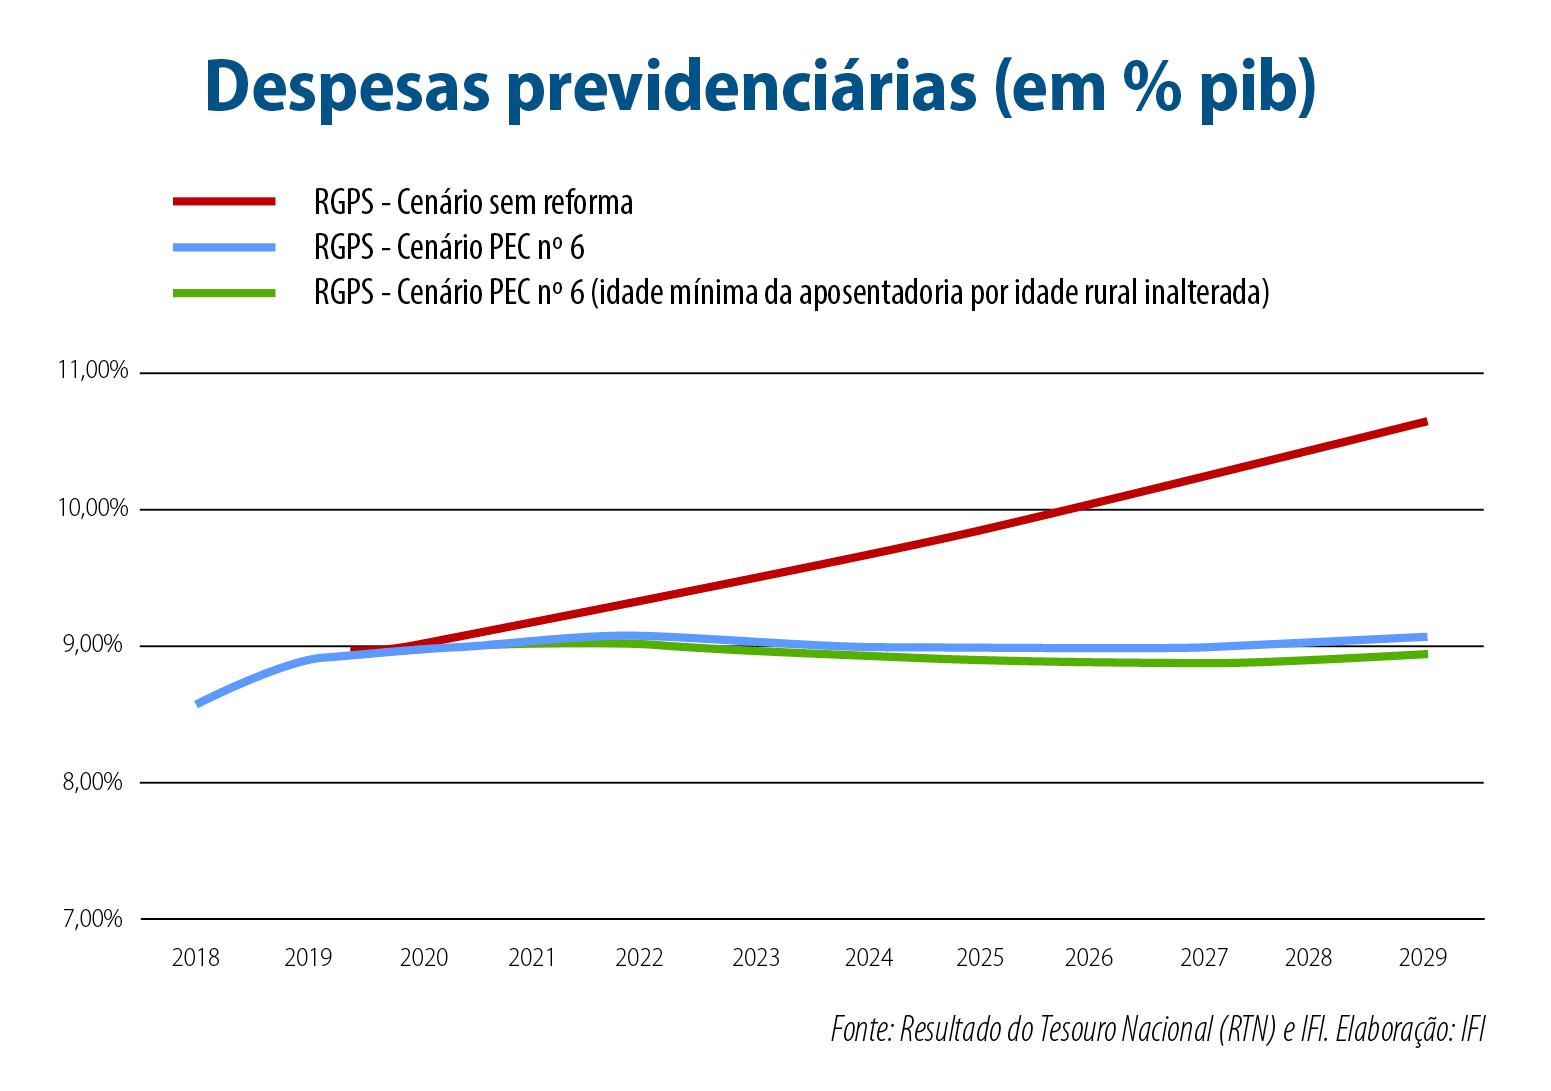 reforma estabilizaria Previdência em dez anos - Grafico das despesas previdenciarias